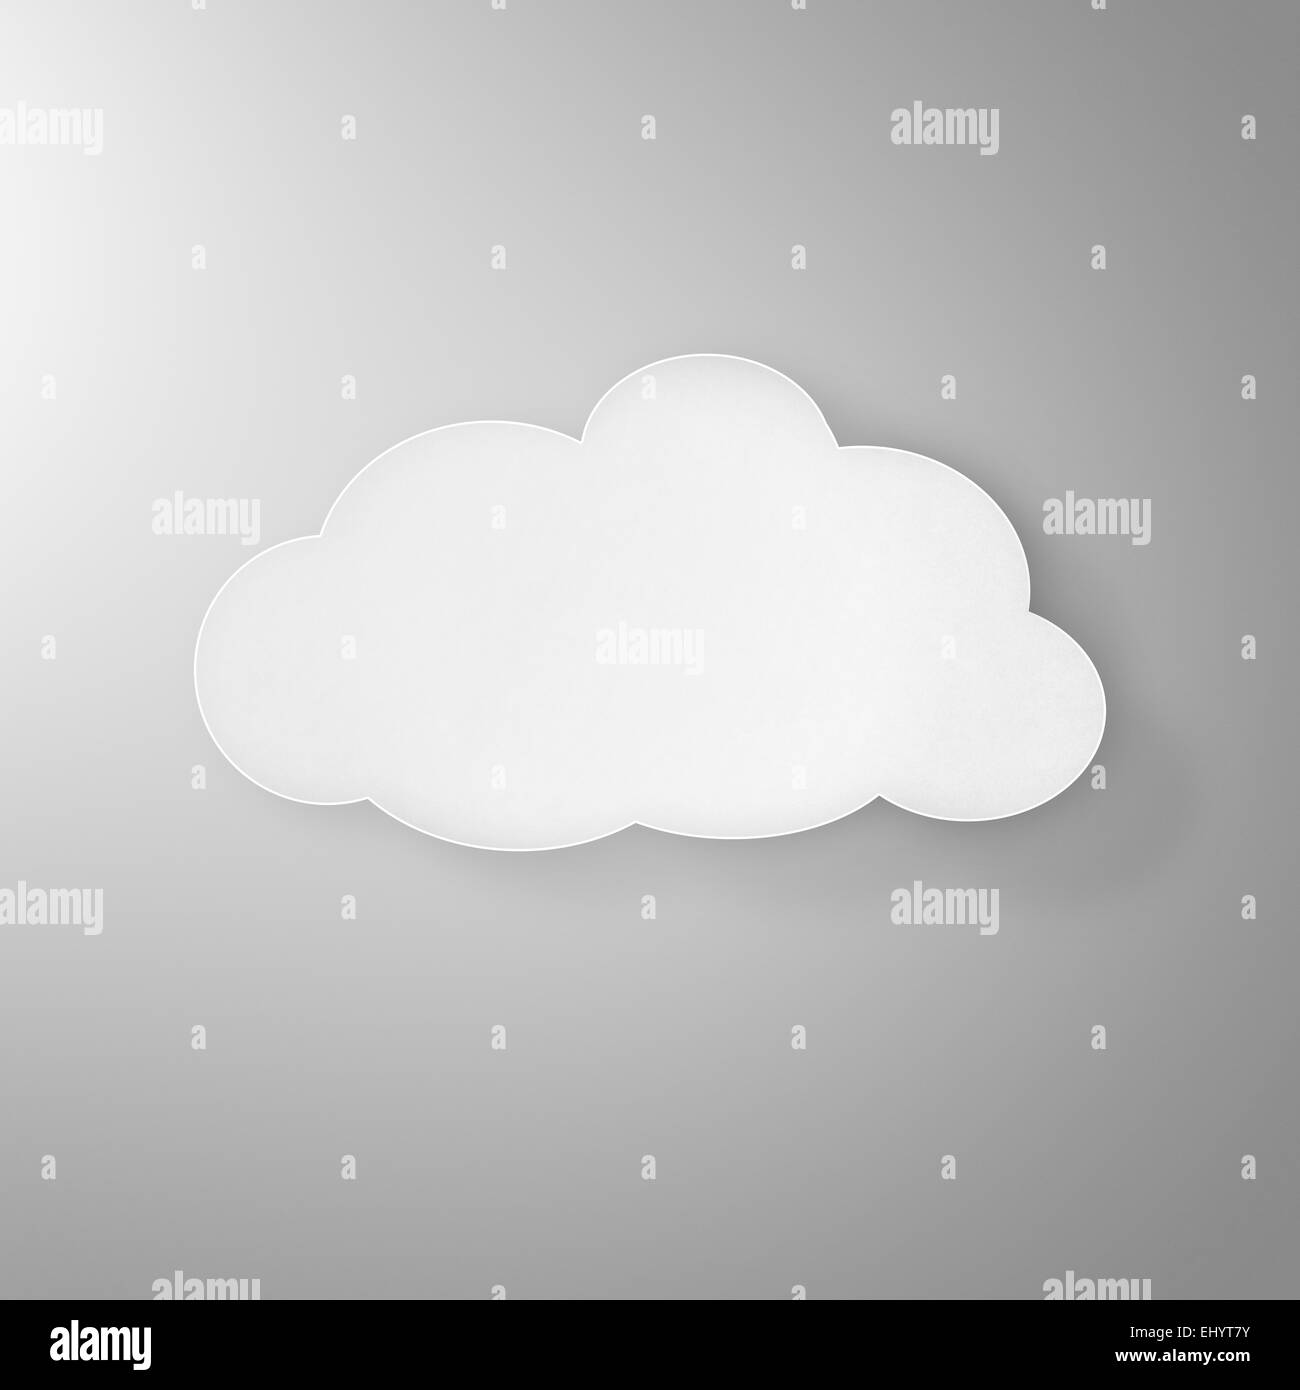 Modernes weißes Papier Wolkensymbol mit Schatten auf einem grauen Hintergrund, der Cloud-computing, Wetter Stockbild